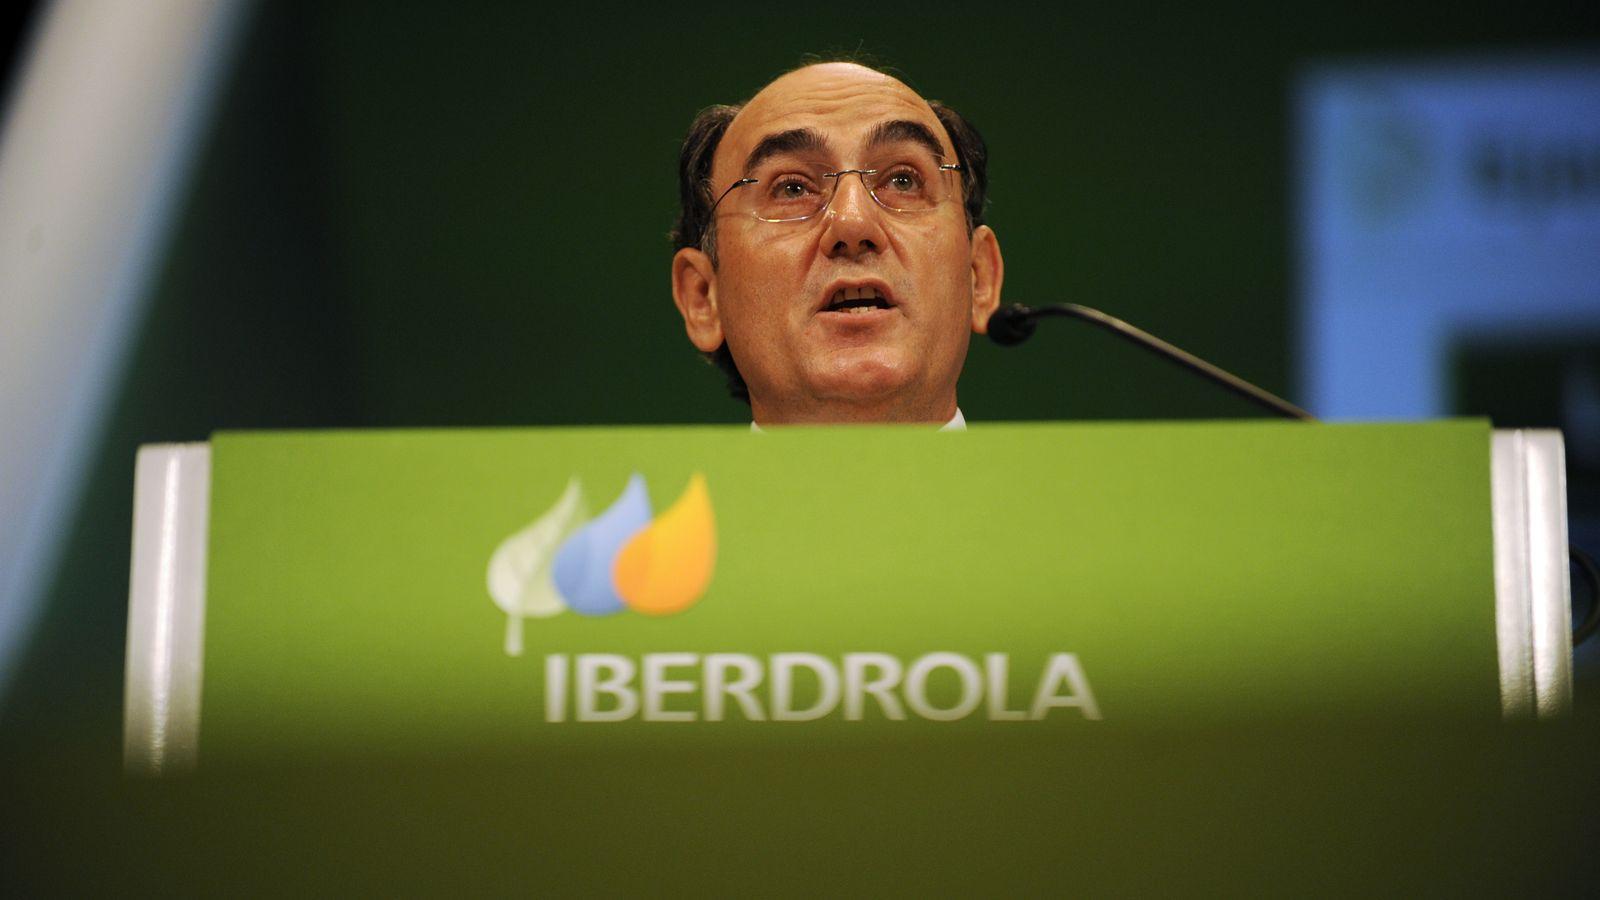 Foto: El presidente de Iberdrola, Ignacio Sánchez Galán. (Reuters)